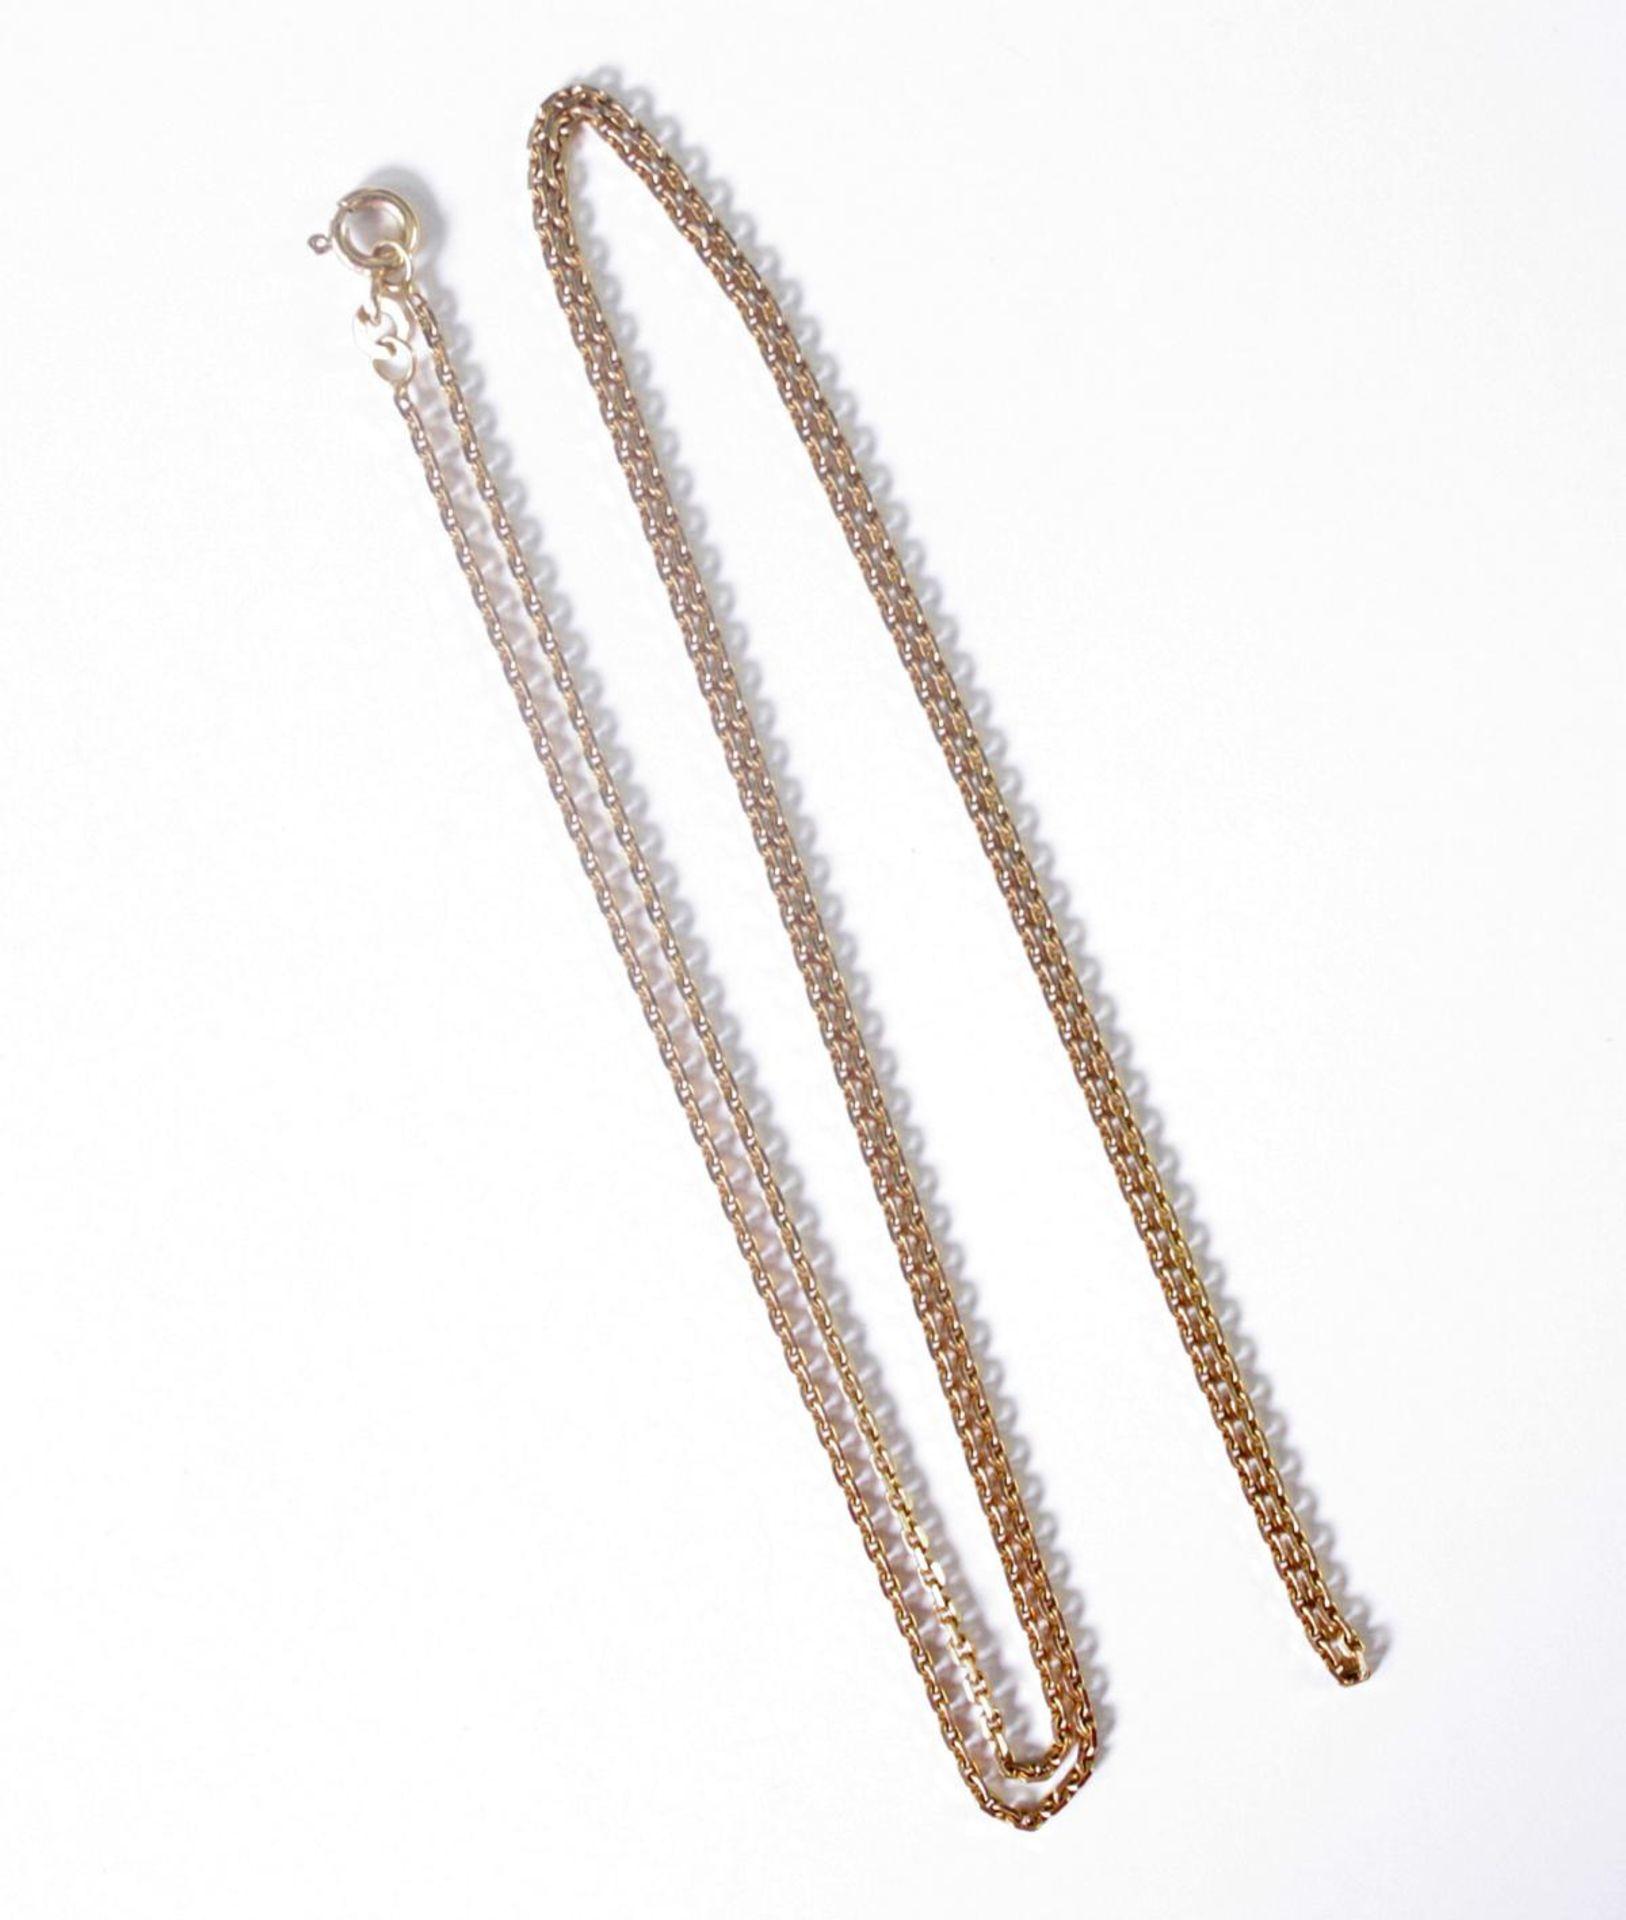 Halskette 8 Karat Gelbgold - Bild 2 aus 2